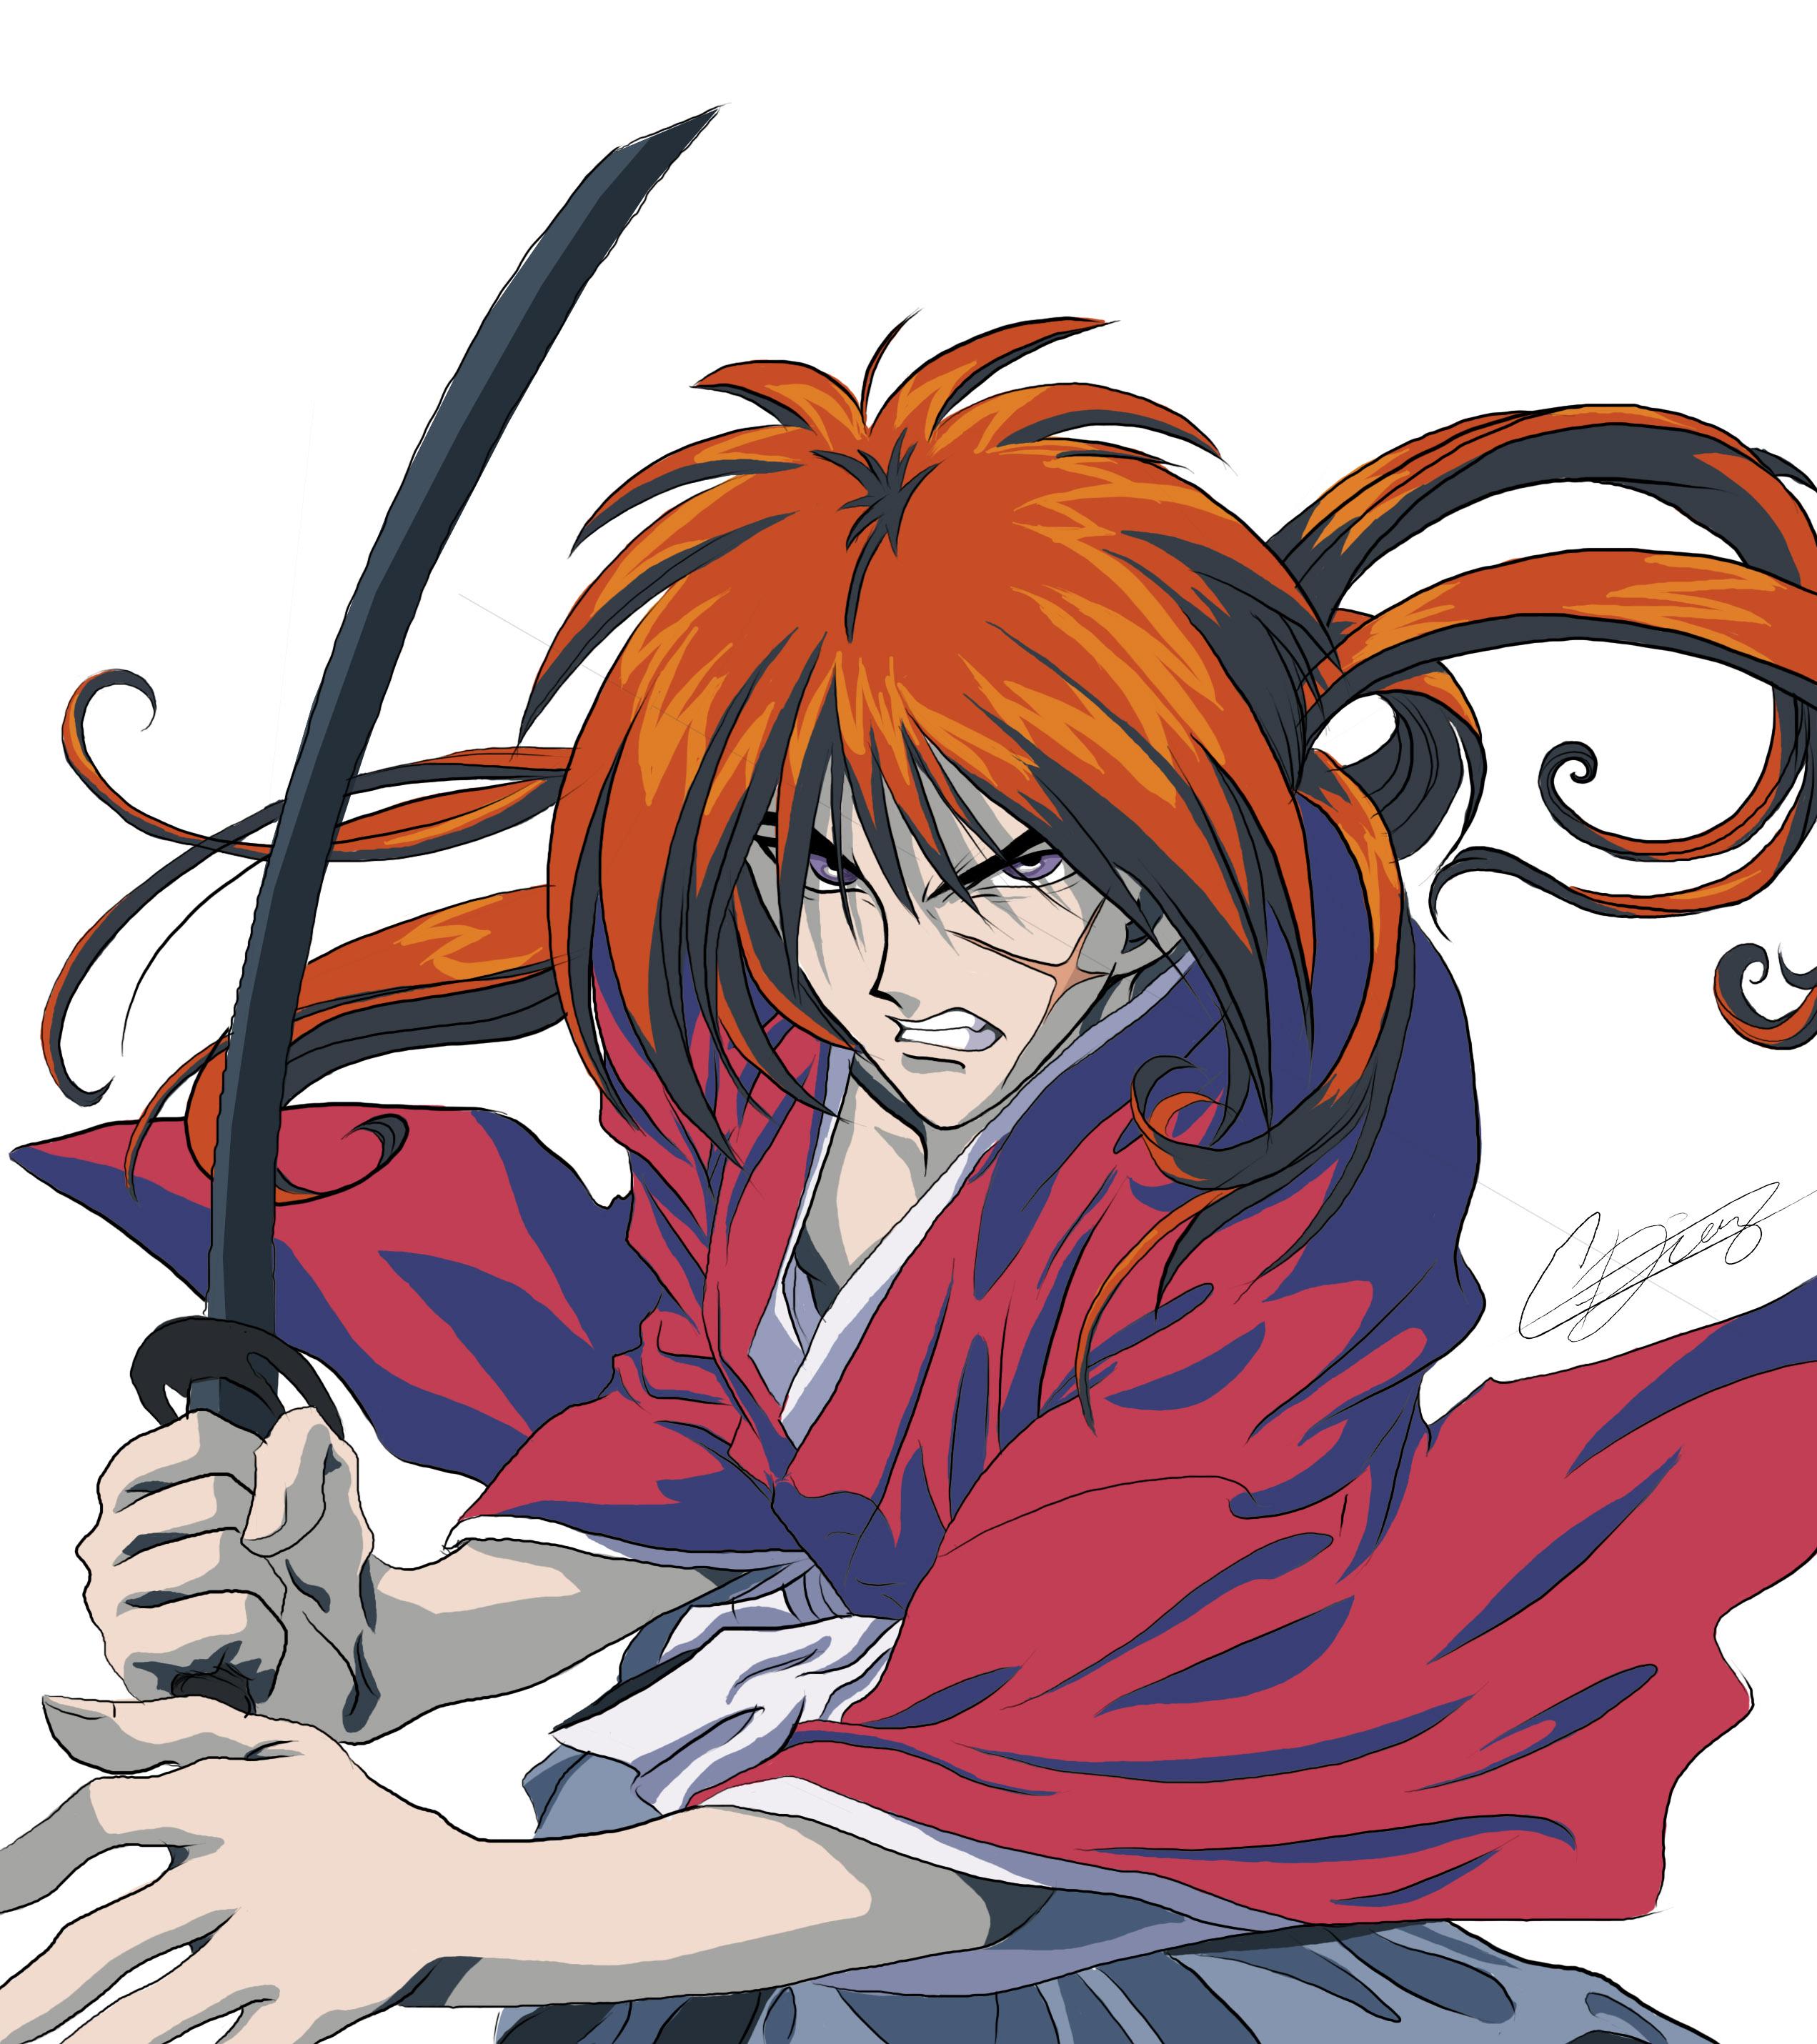 Wallpaper SamuraiX Kenshin Himura  chemistry for peace not for war